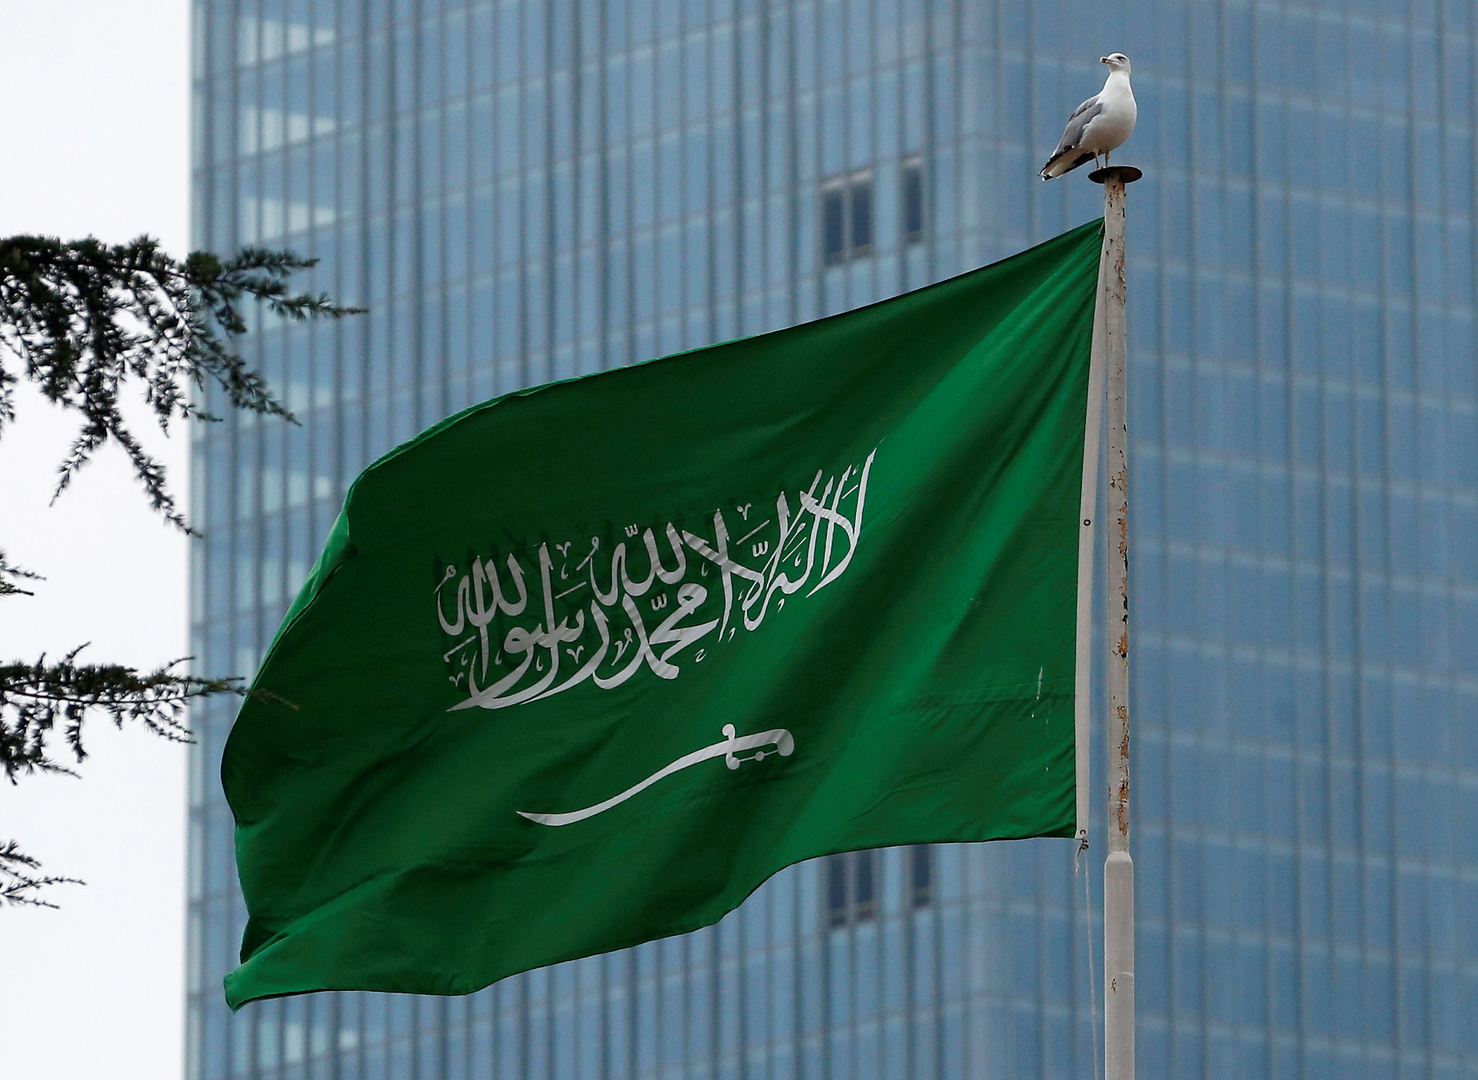 الخارجية السعودية: حكومة المملكة ترحب بقرار الإدارة الأمريكية تصنيف جماعة الحوثيين